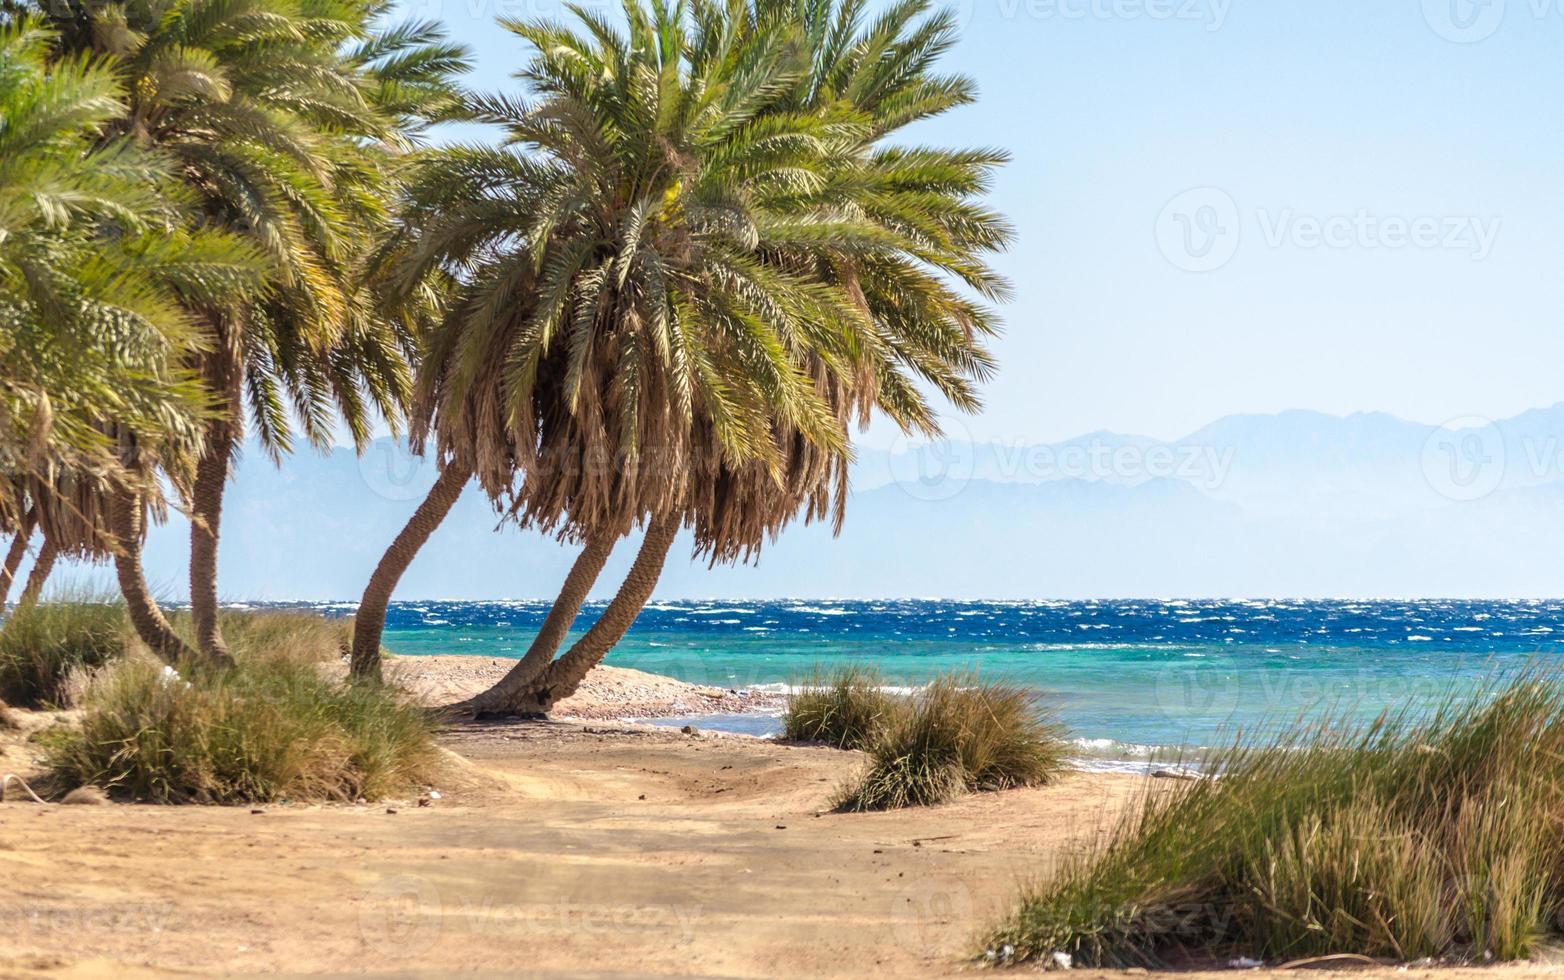 palmeras junto al mar foto